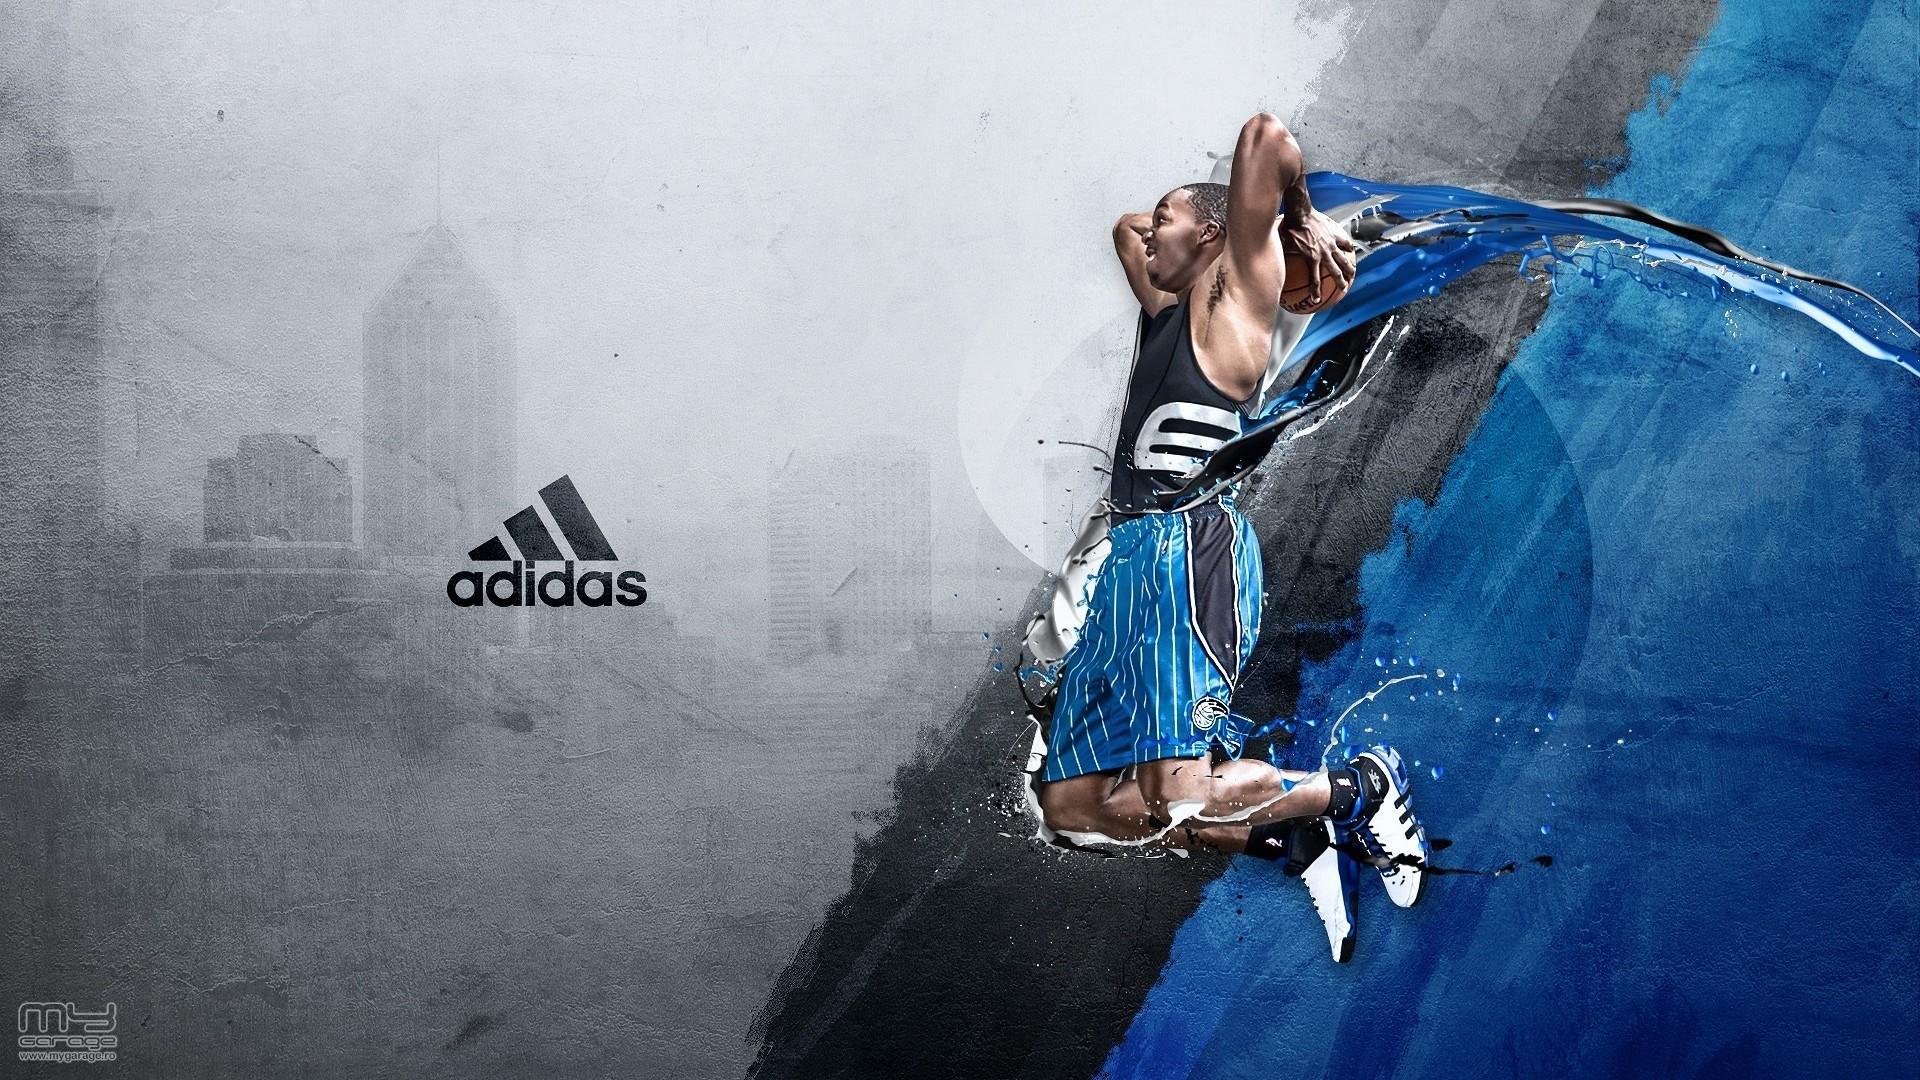 Adidas HD Blue Wallpaper 1920x1080 HD Sport 1920x1080